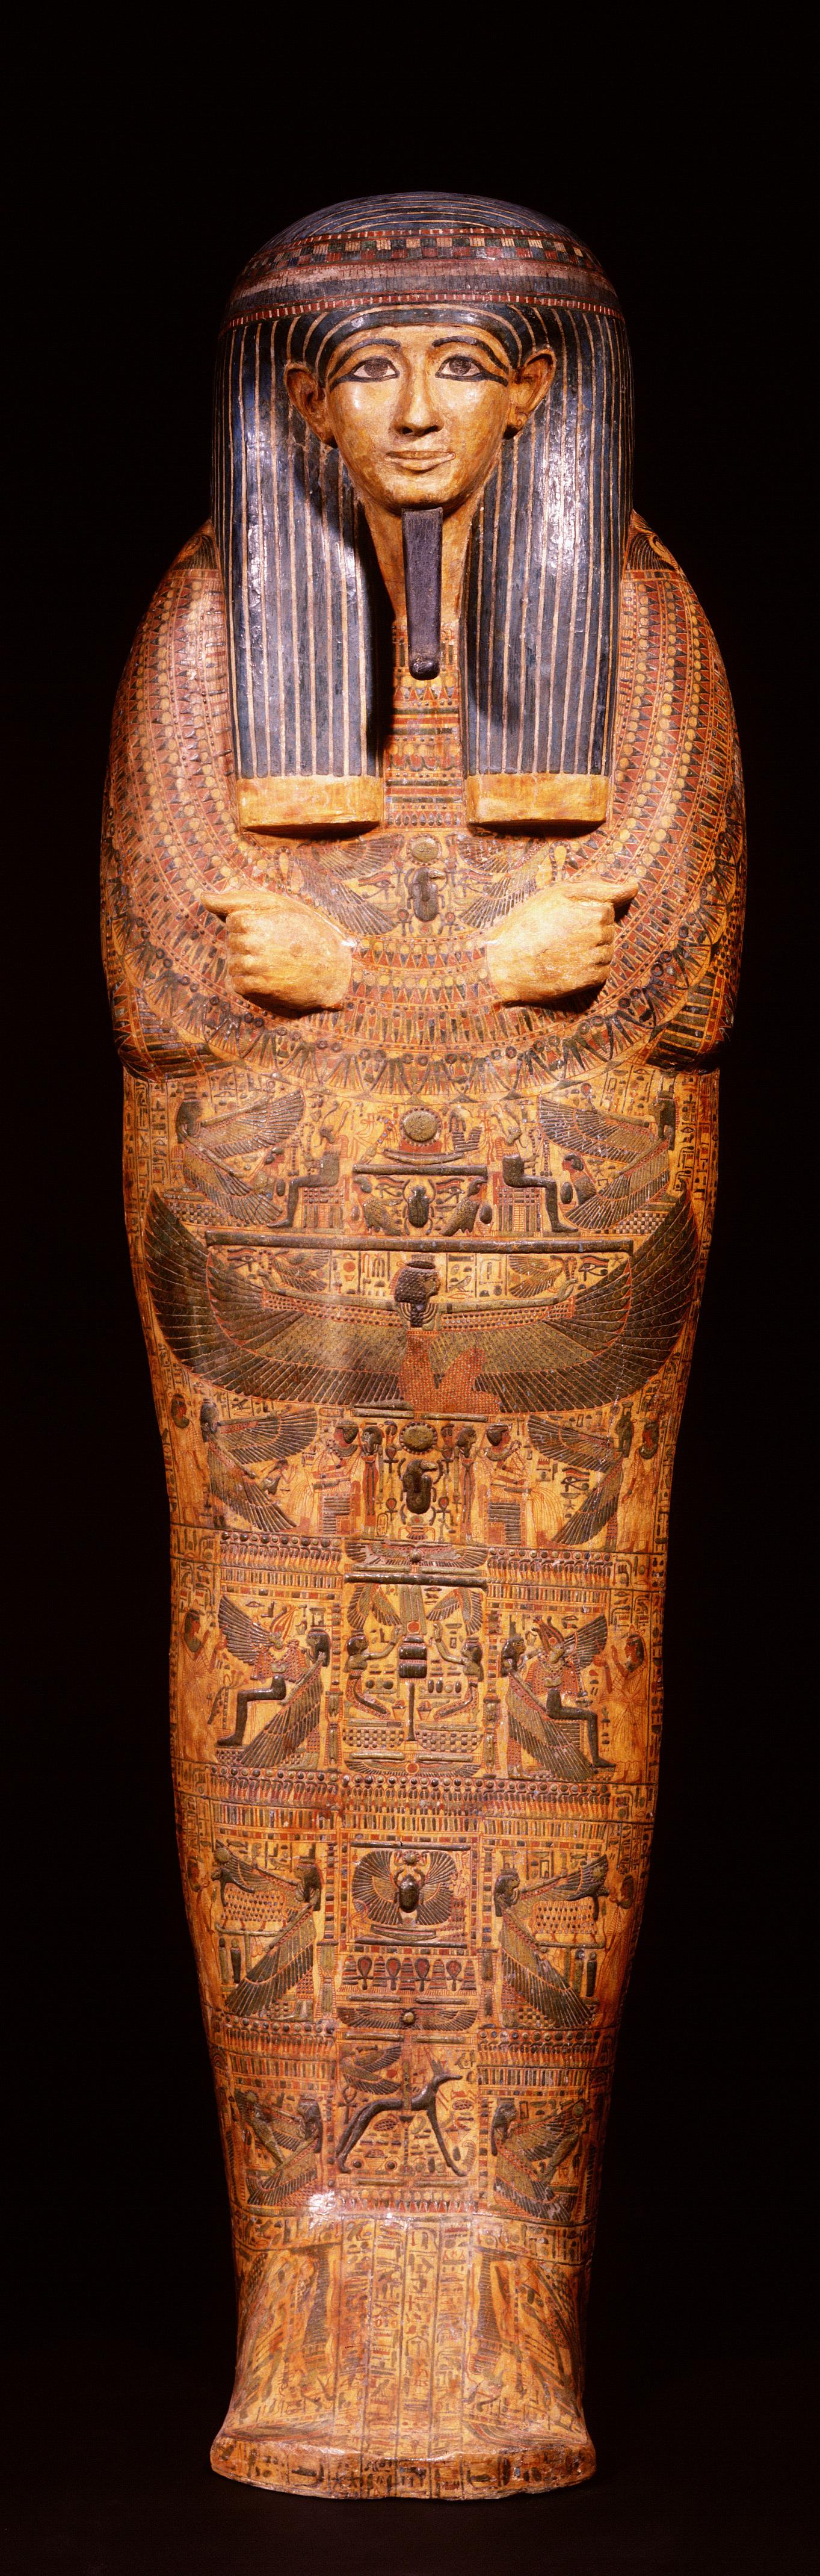 『ライデン国立古代博物館所蔵 古代エジプト展』「アメンヘテプの内棺」